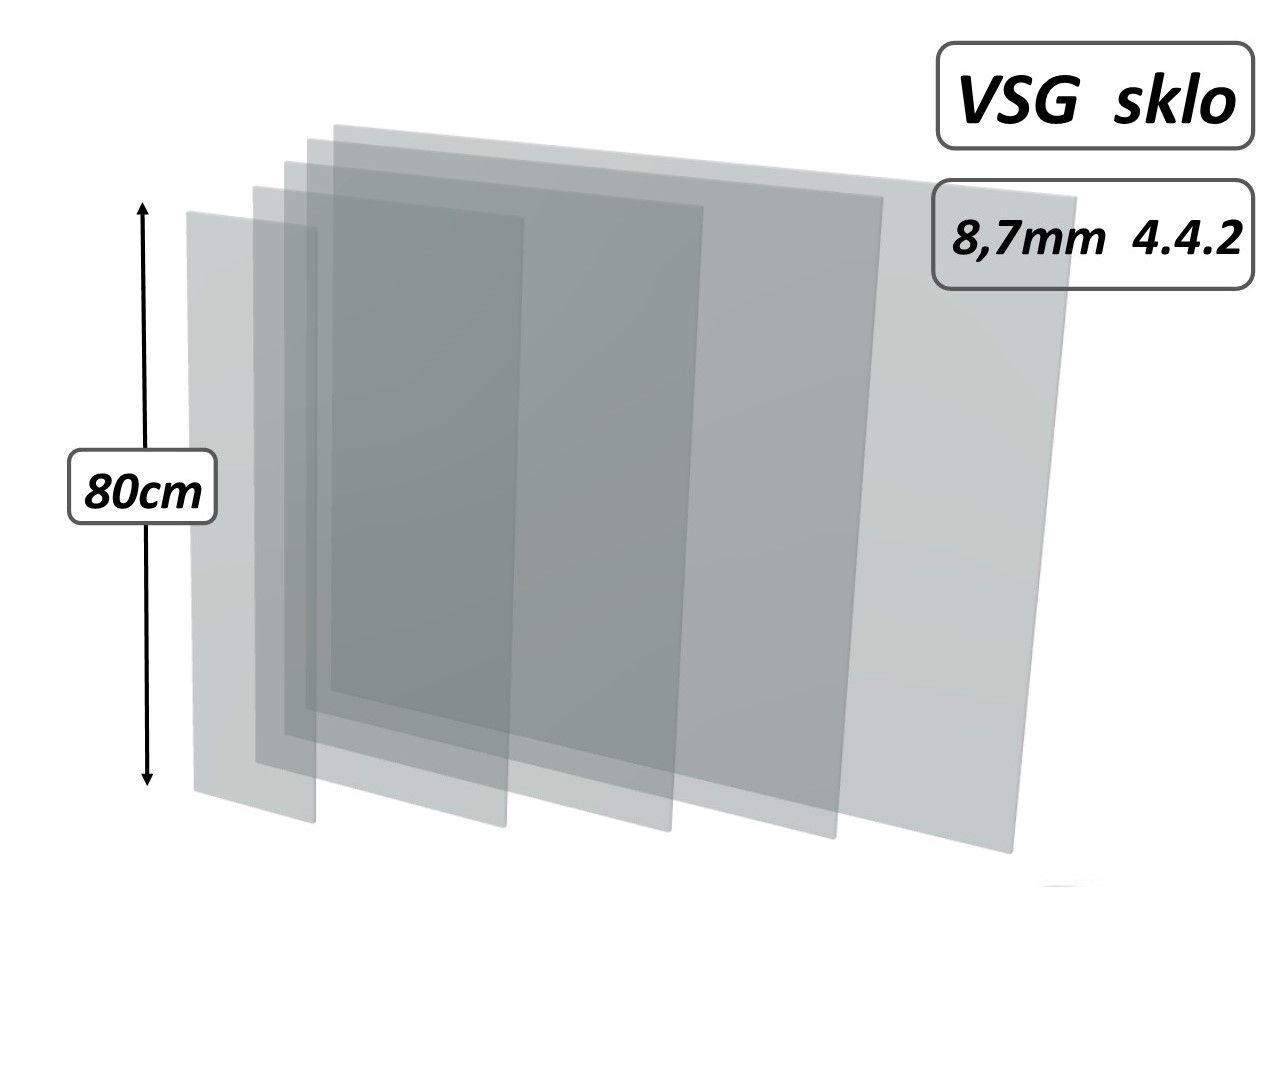 Skleněná výplň zábradlí- sklo mléčné,matné lepené VSG 4.4.2